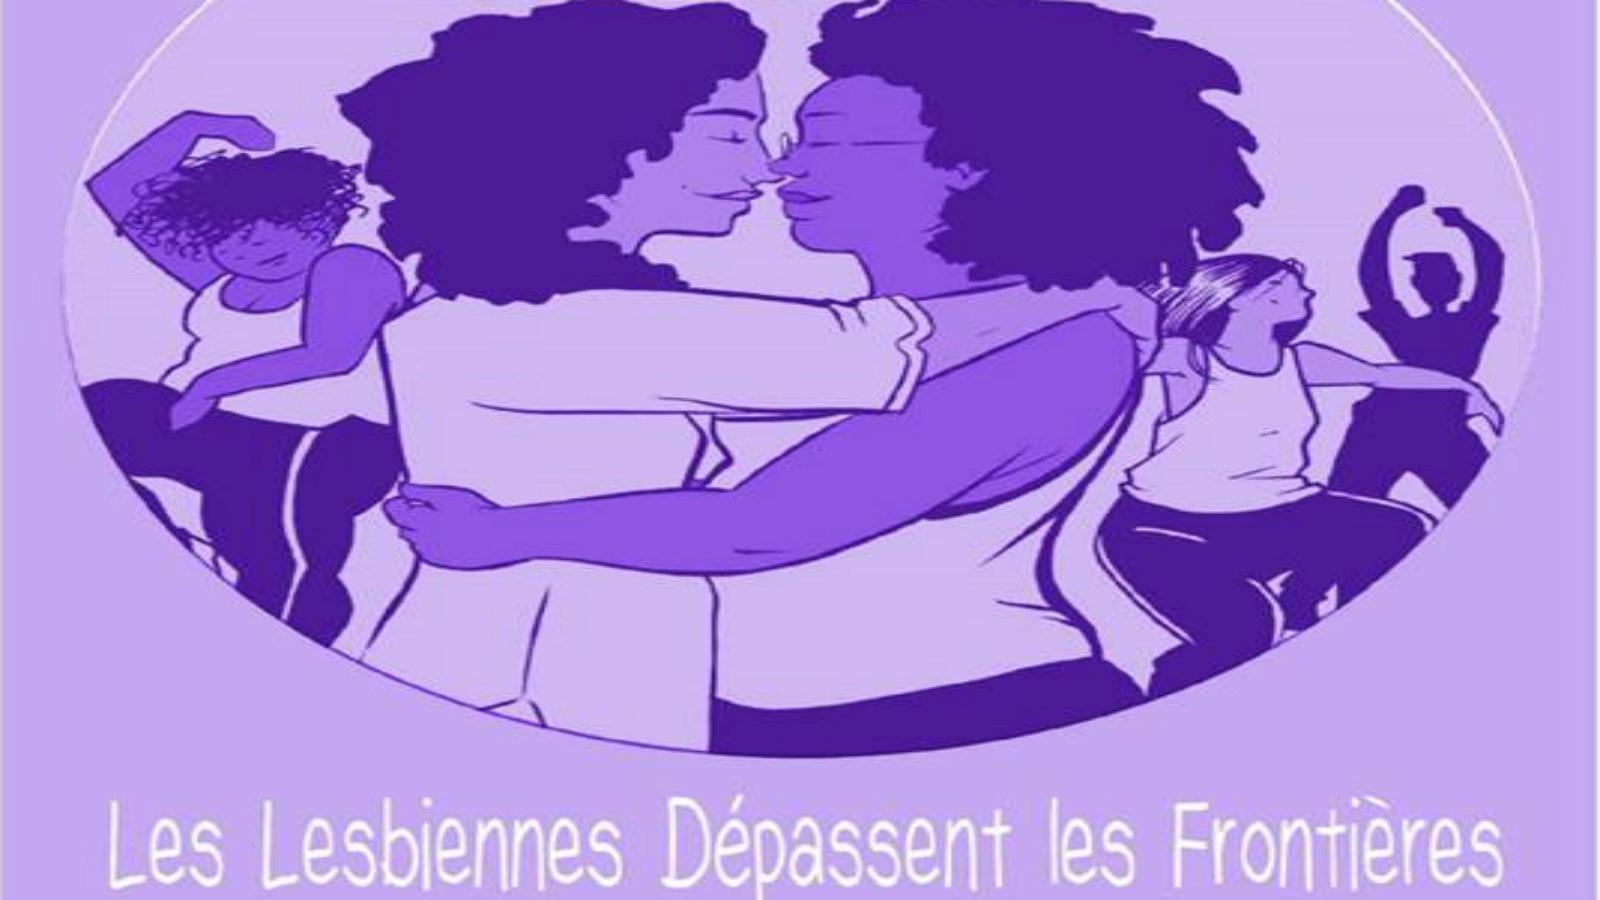 problèmes sexuels lesbiennes noir Celeb sexe